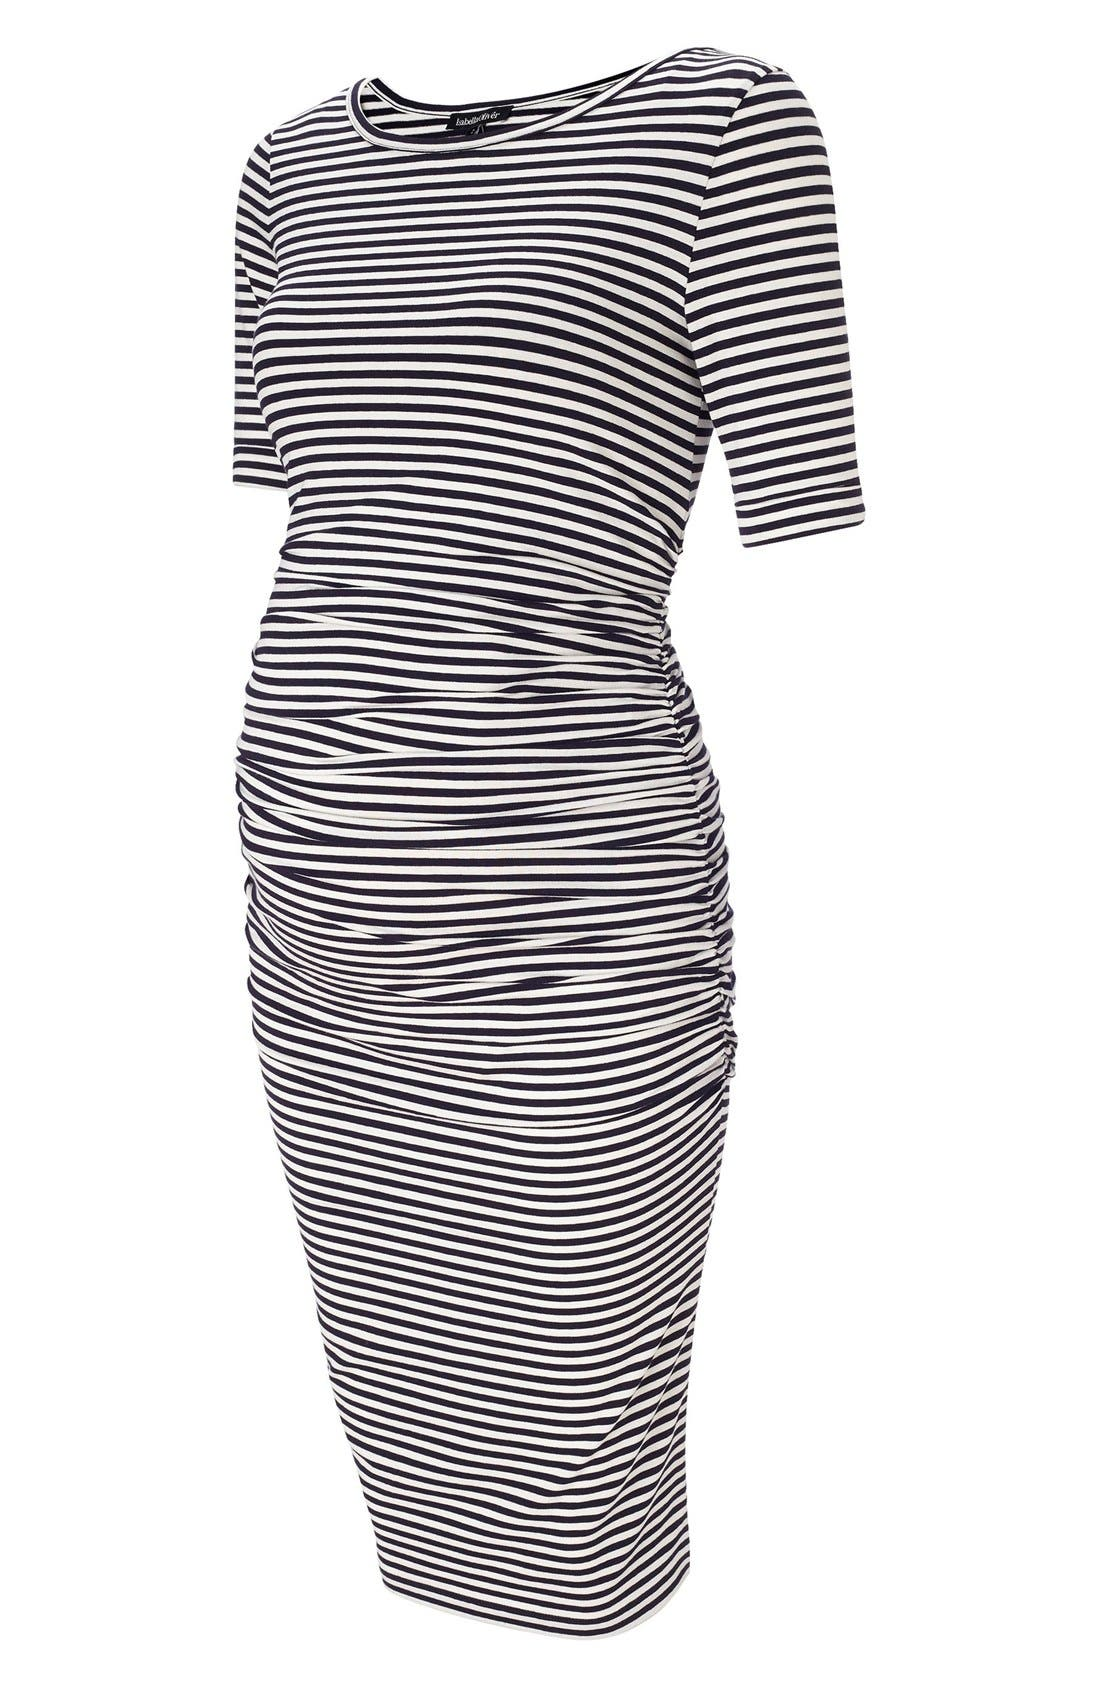 Alternate Image 1 Selected - Isabella Oliver Arlington Stripe Maternity Dress